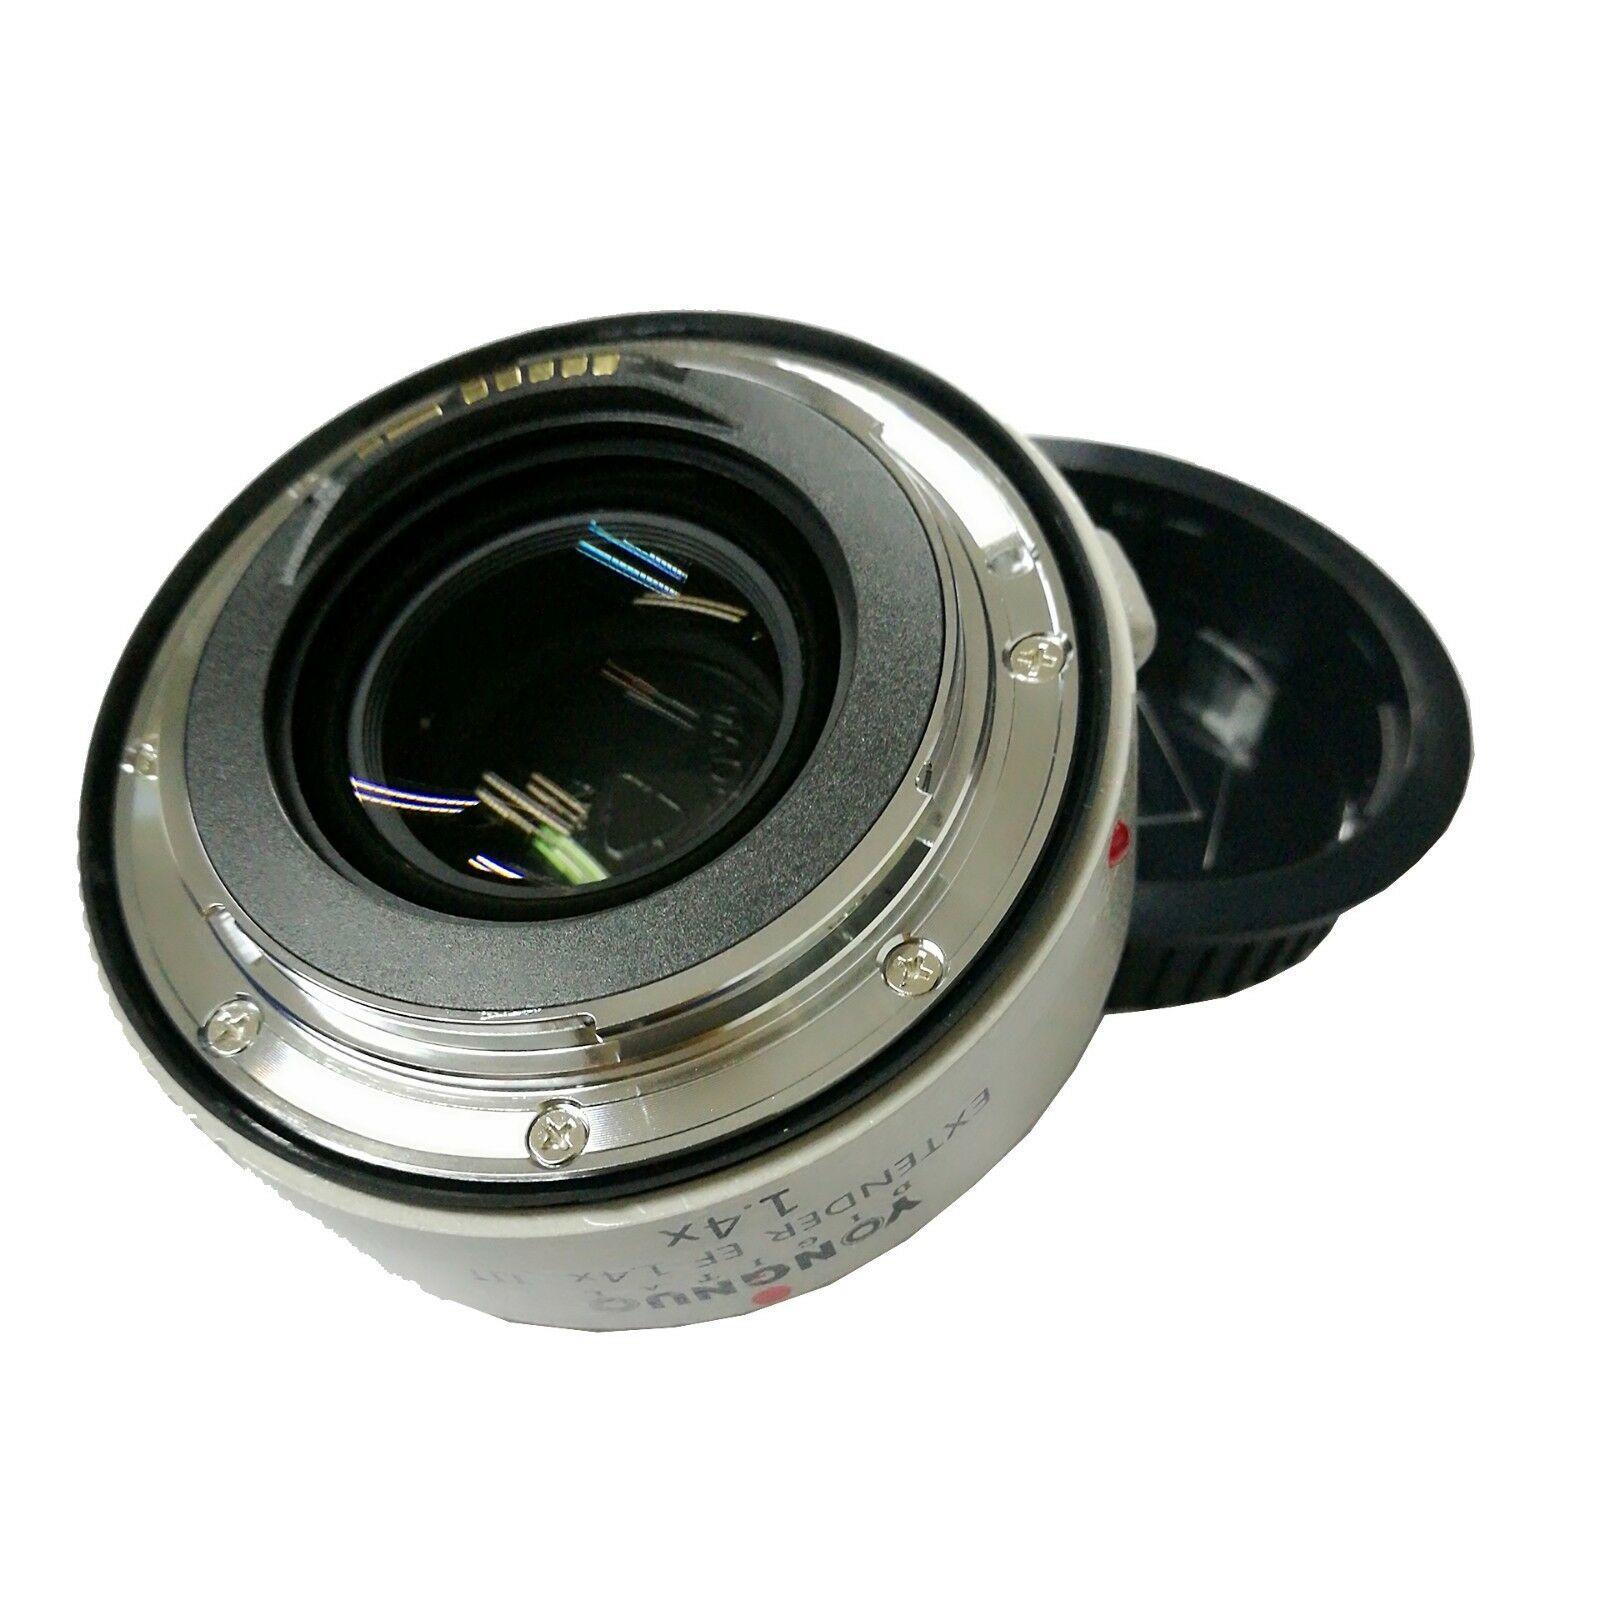 Yongnuo YN1.4XIII prolongateur de YN-1.4XIII EF 1.4X objectif de mise au point automatique téléconvertisseur pour Canon autofocus complet 1D X 1Ds 1D 70D 7D 80D 7DI - 6